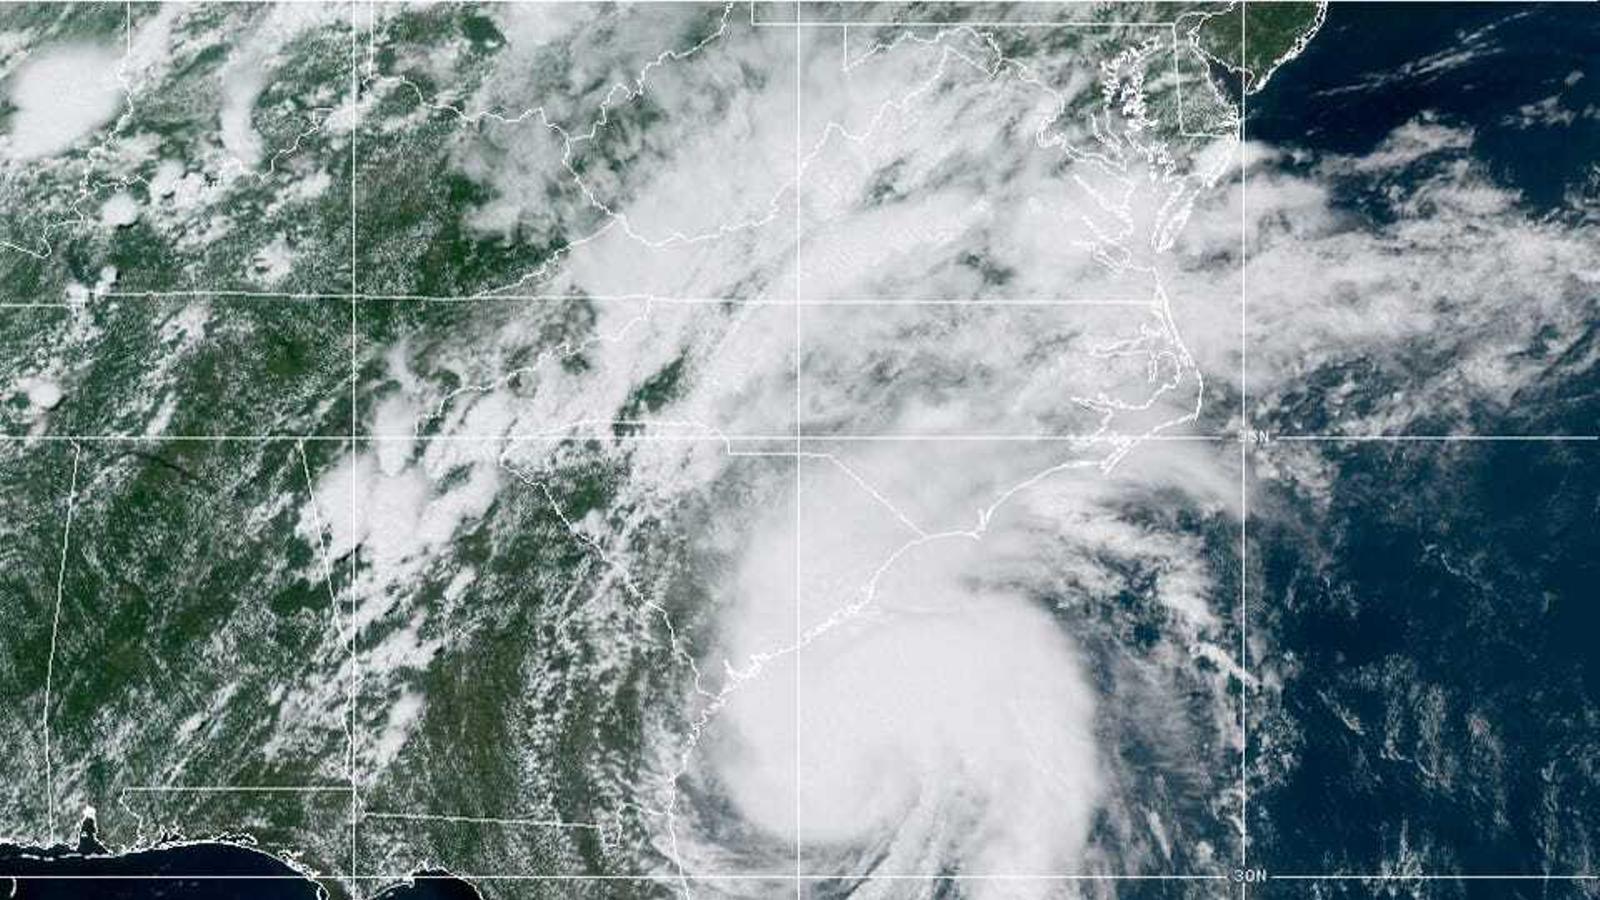 Imatge de l'huracà 'Isaias' a punt de tocar terra a Carolina del Nord i del Sud / Font: NOAA